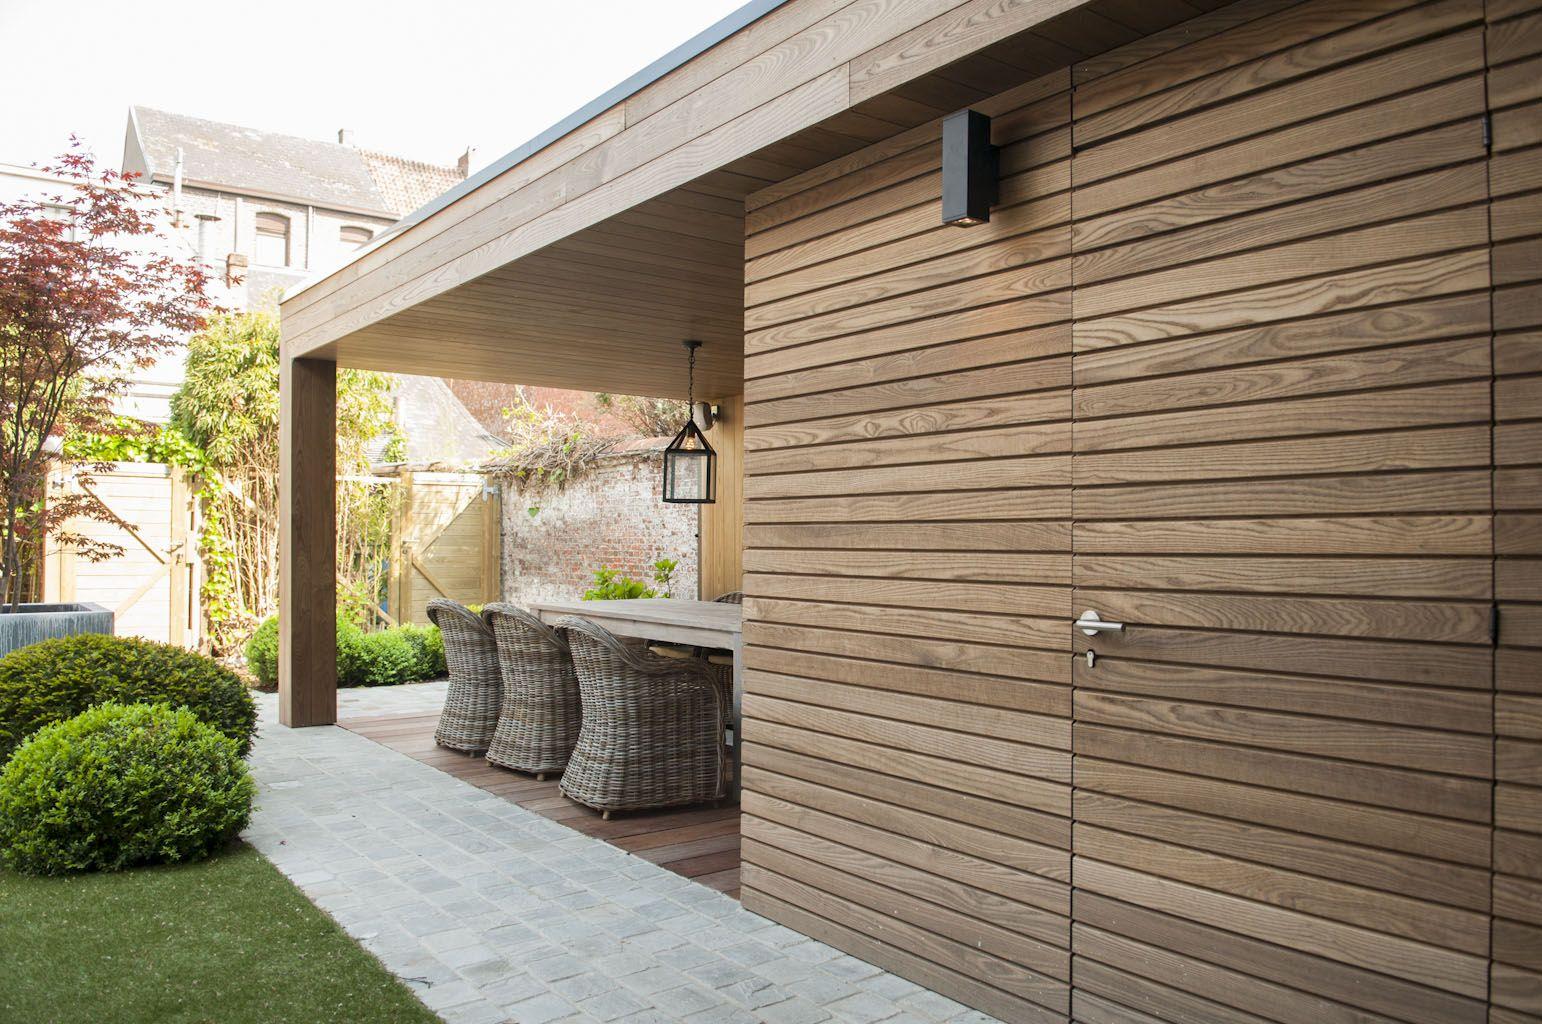 Bowisse introduceert dit jaar een nieuwe lijn moderne bijgebouwen pure strakke terrasoverkappingen